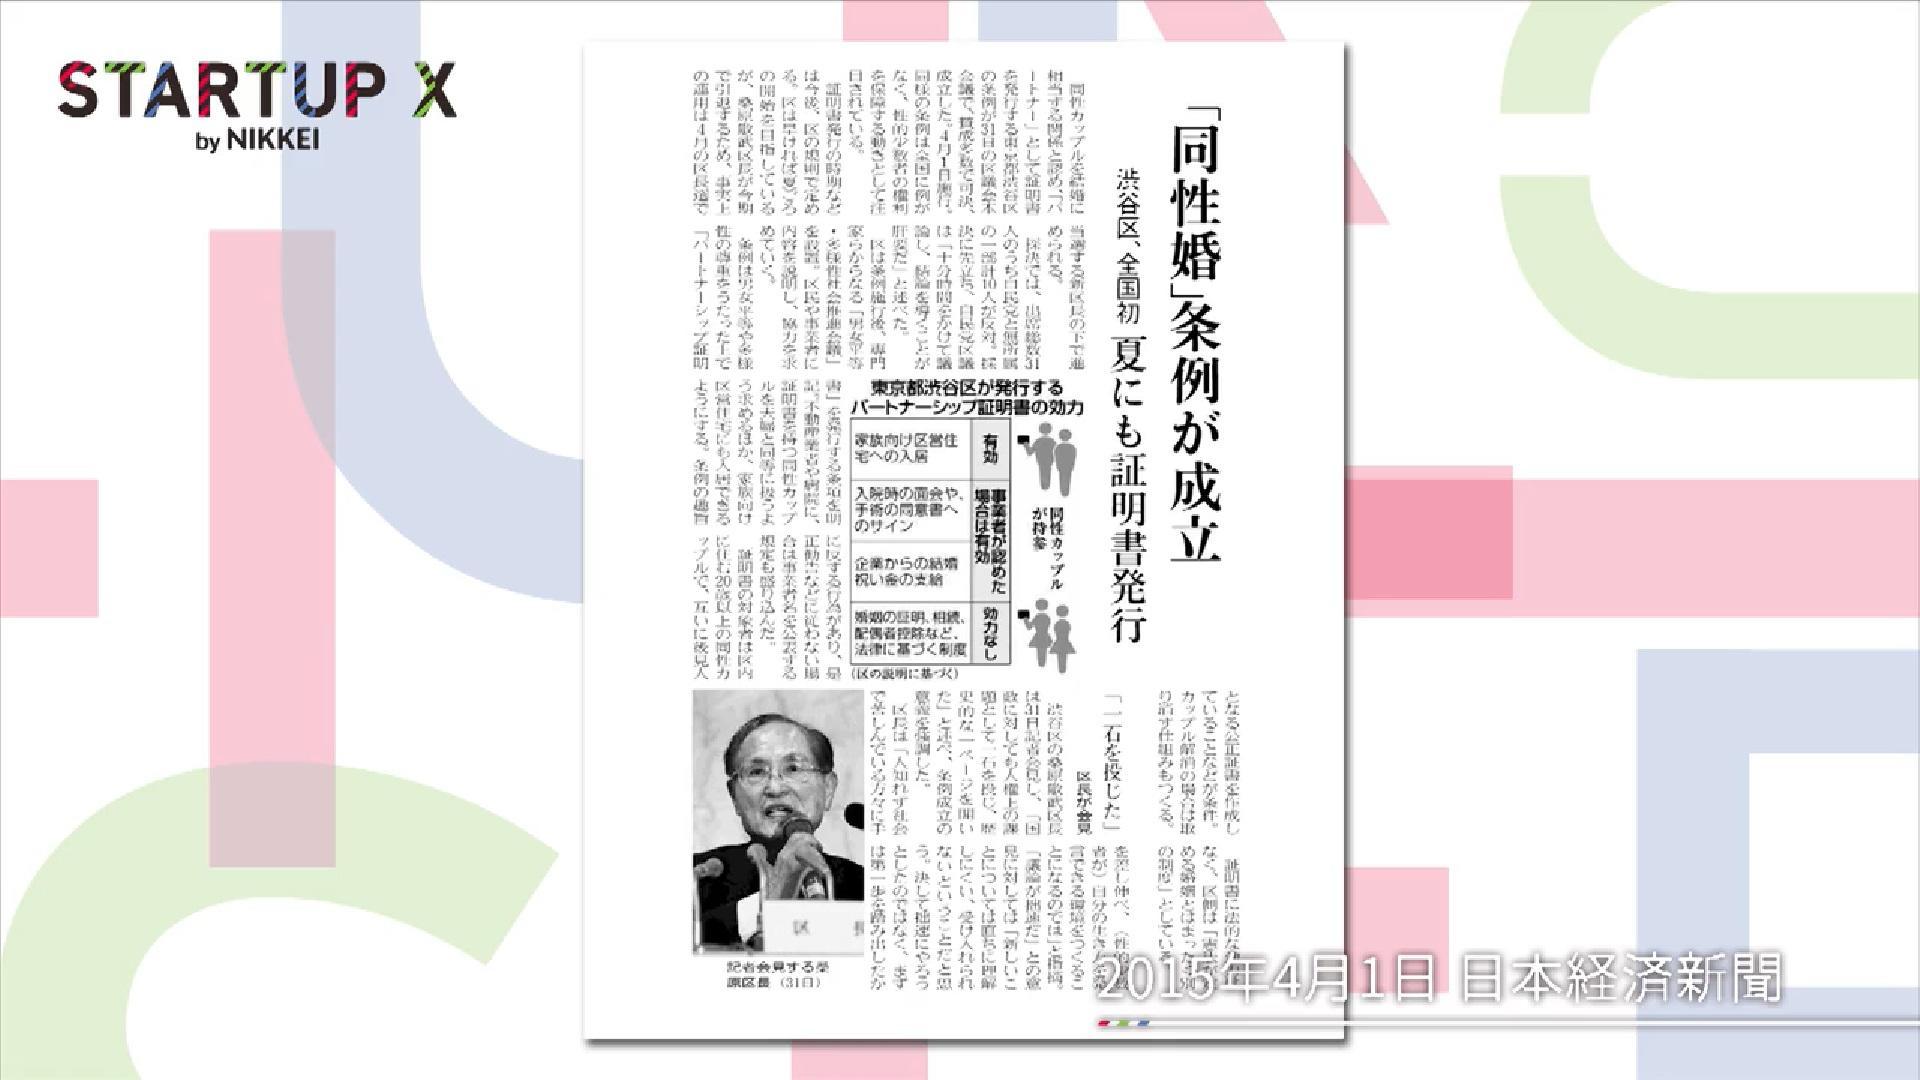 20181123_nikkeistartupx_20.jpg